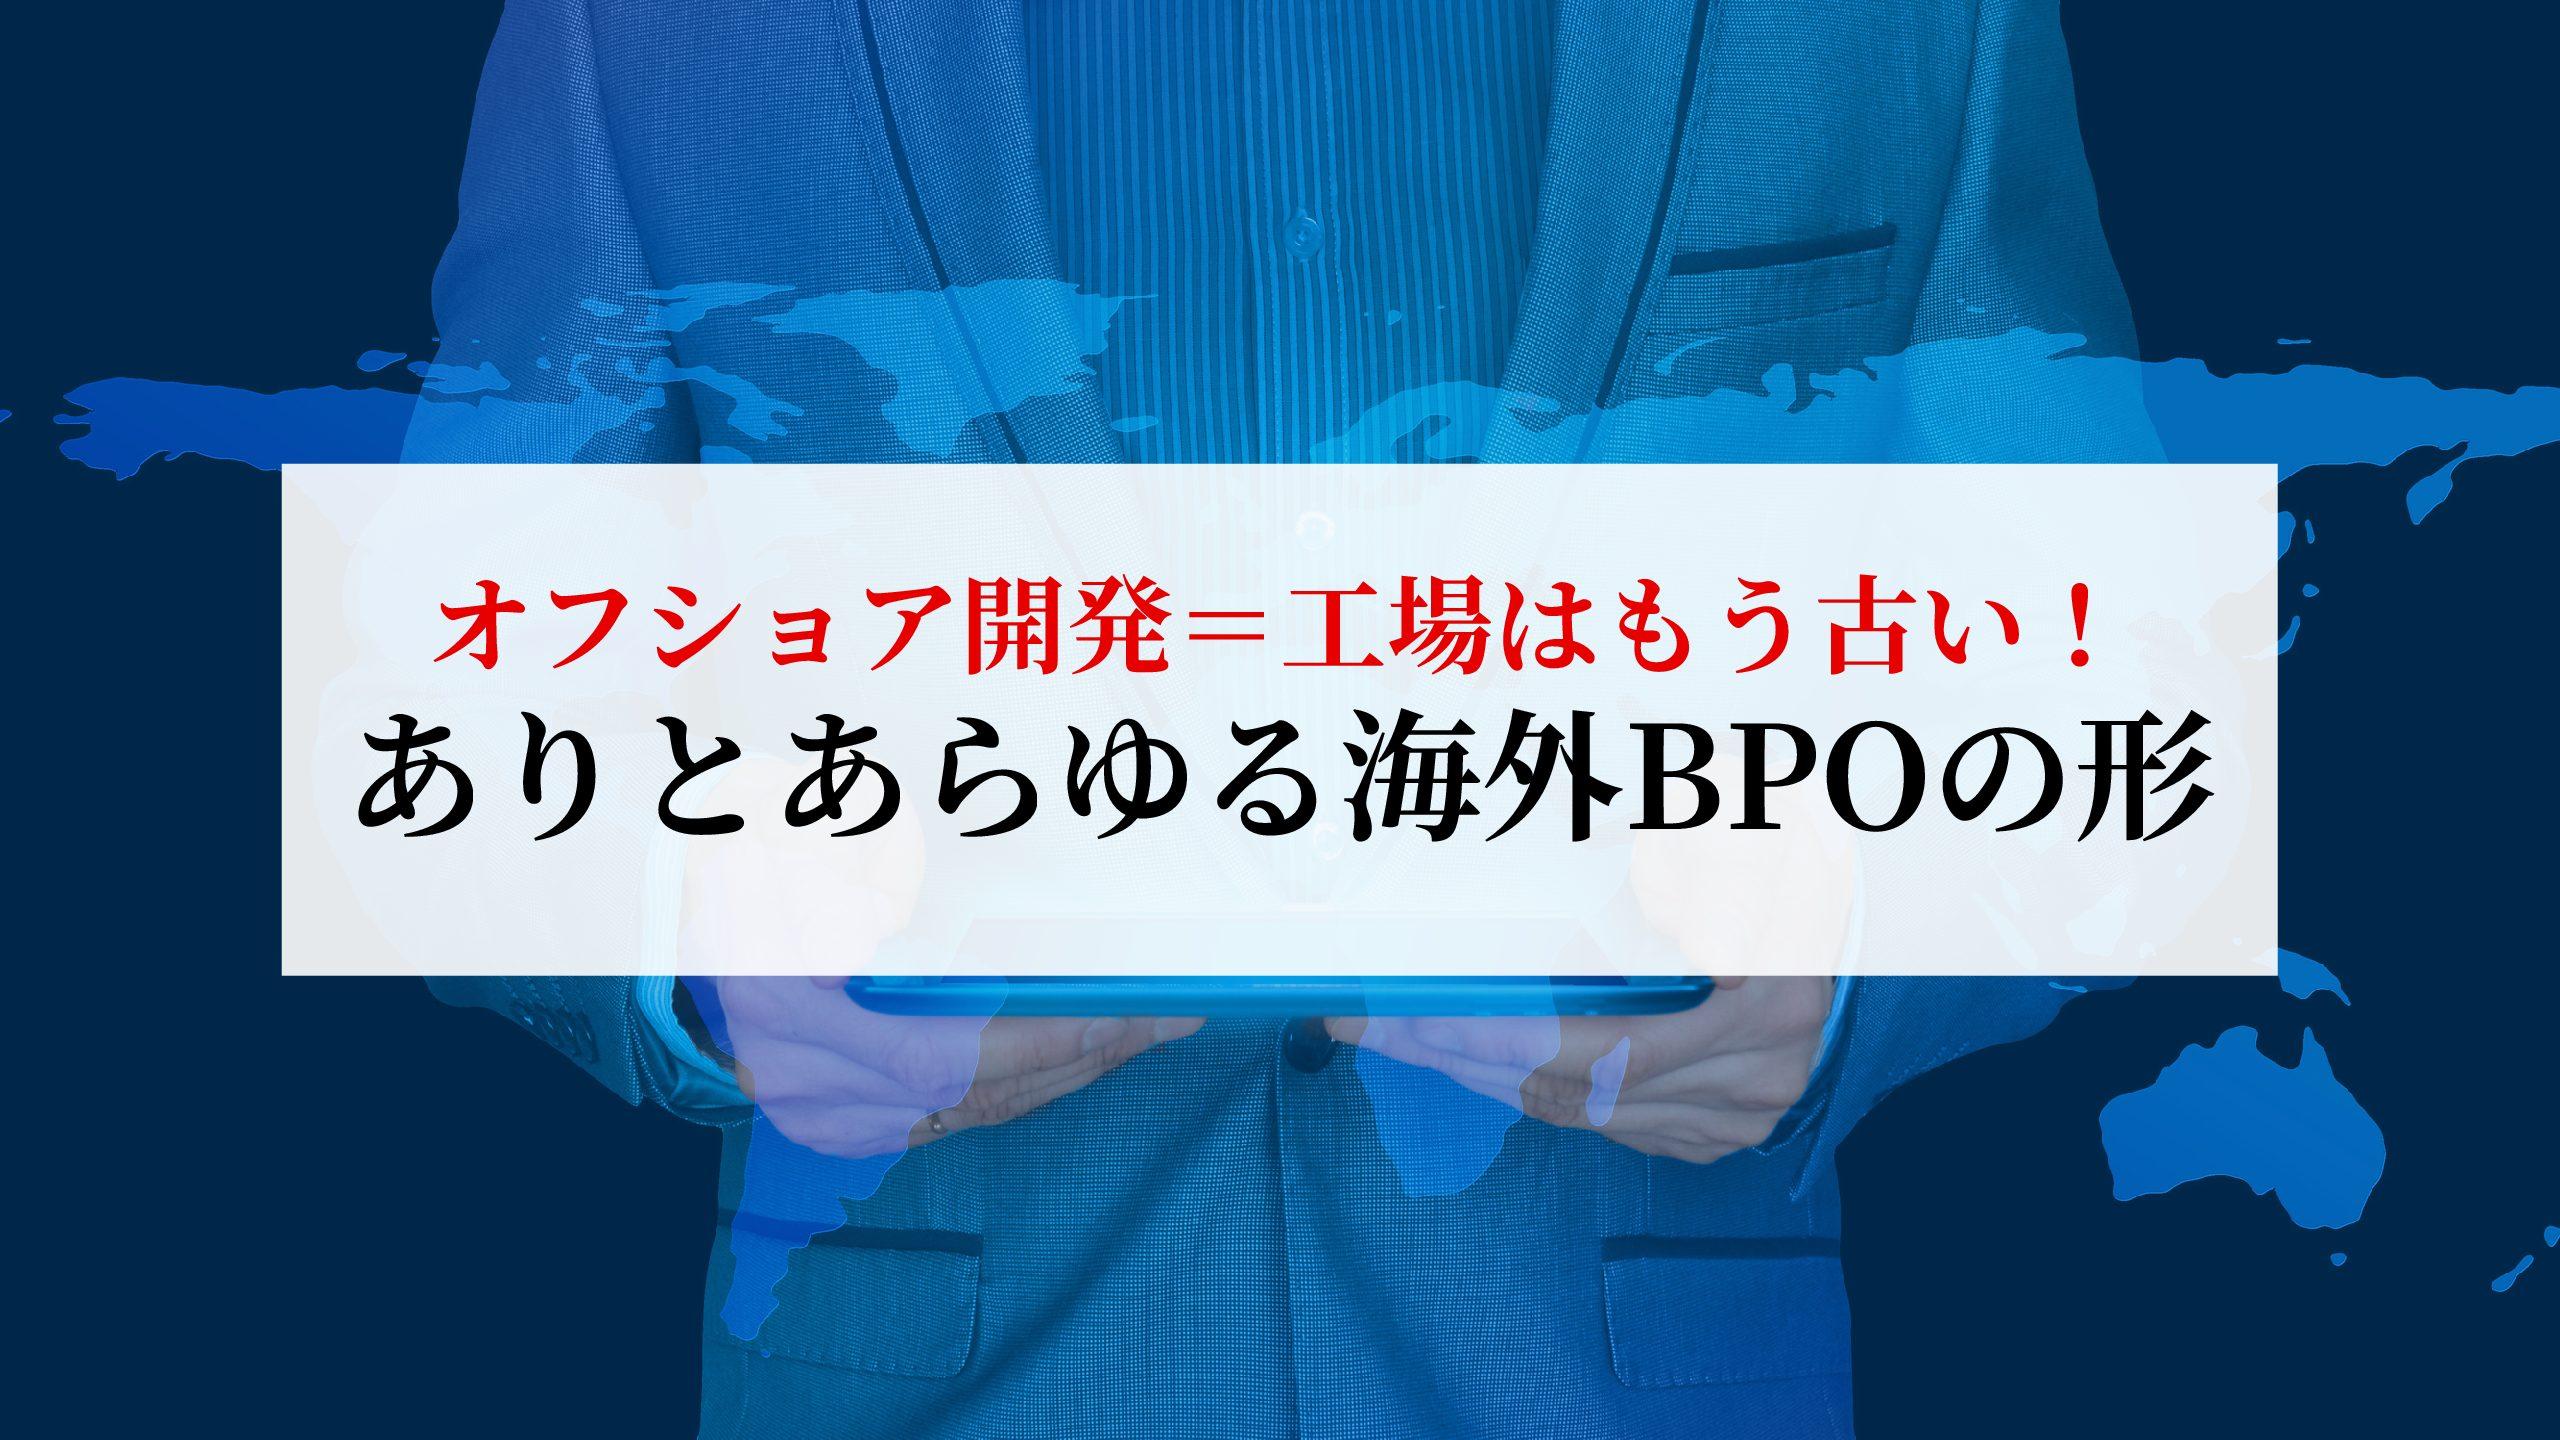 オフショア開発の新しい形【海外BPO】について、5分で解説!